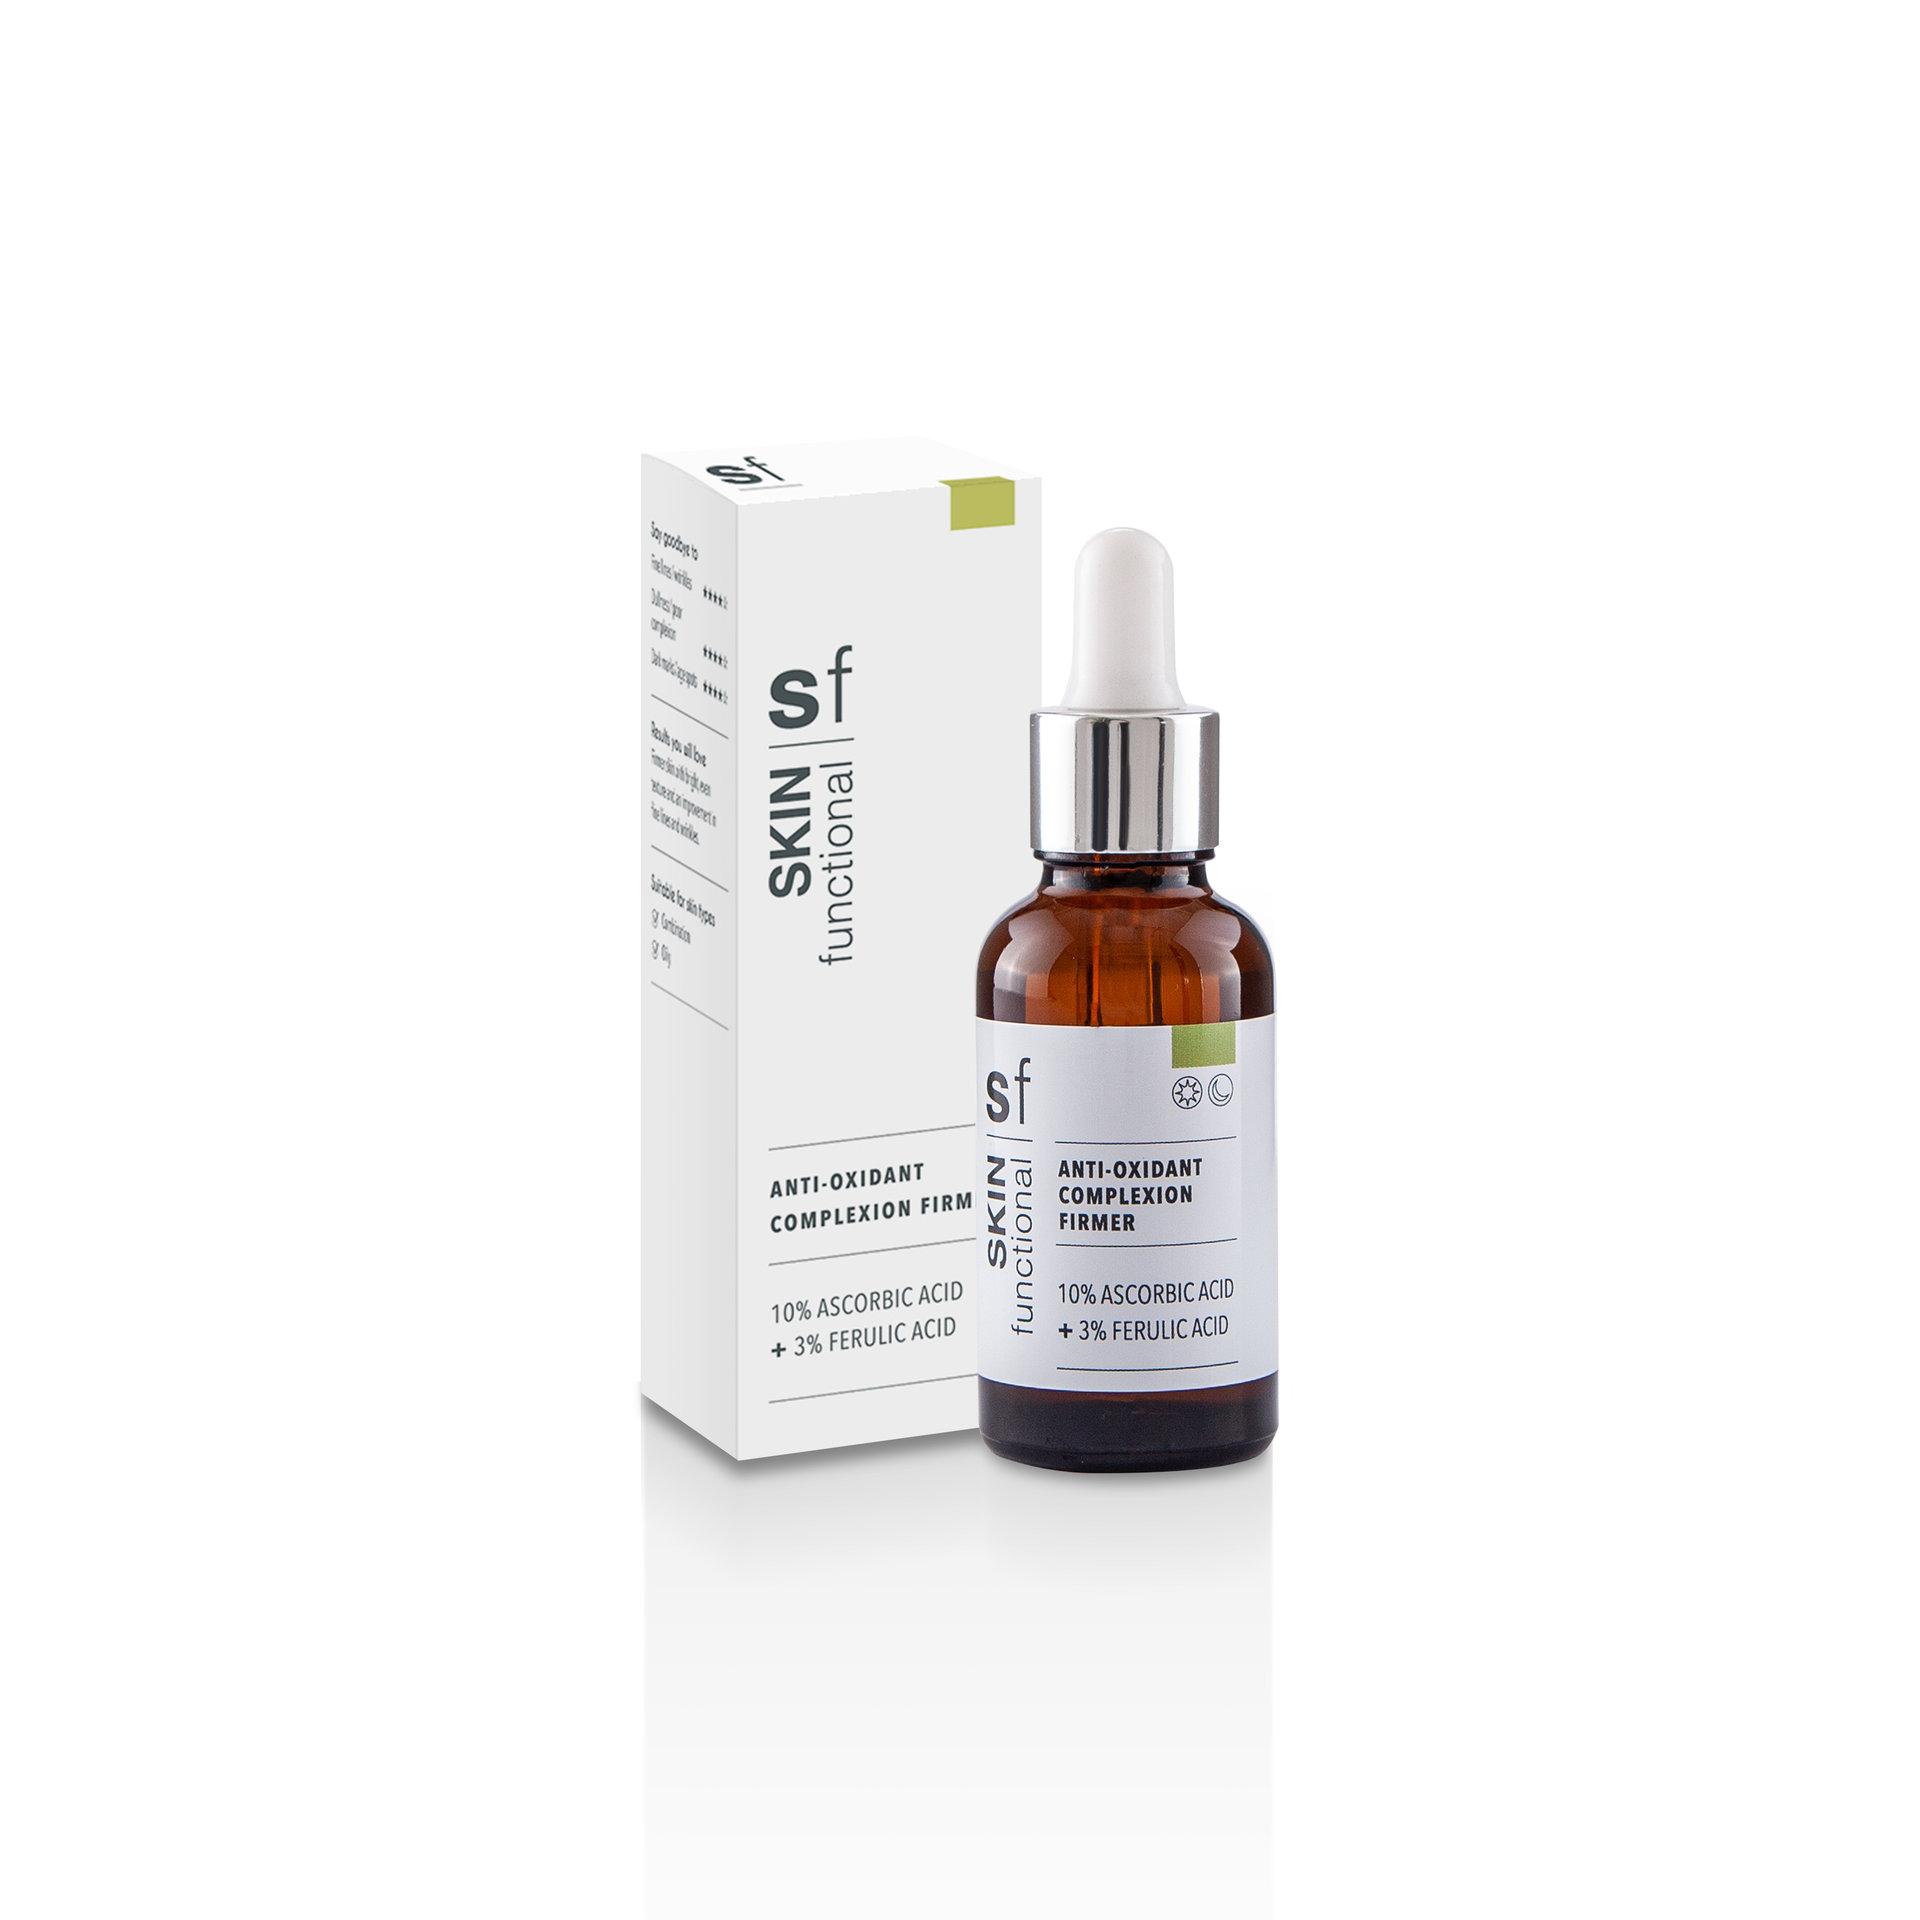 Anti-Oxidant Complexion Firmer - 10% Ascorbic Acid + 3% Ferulic Acid